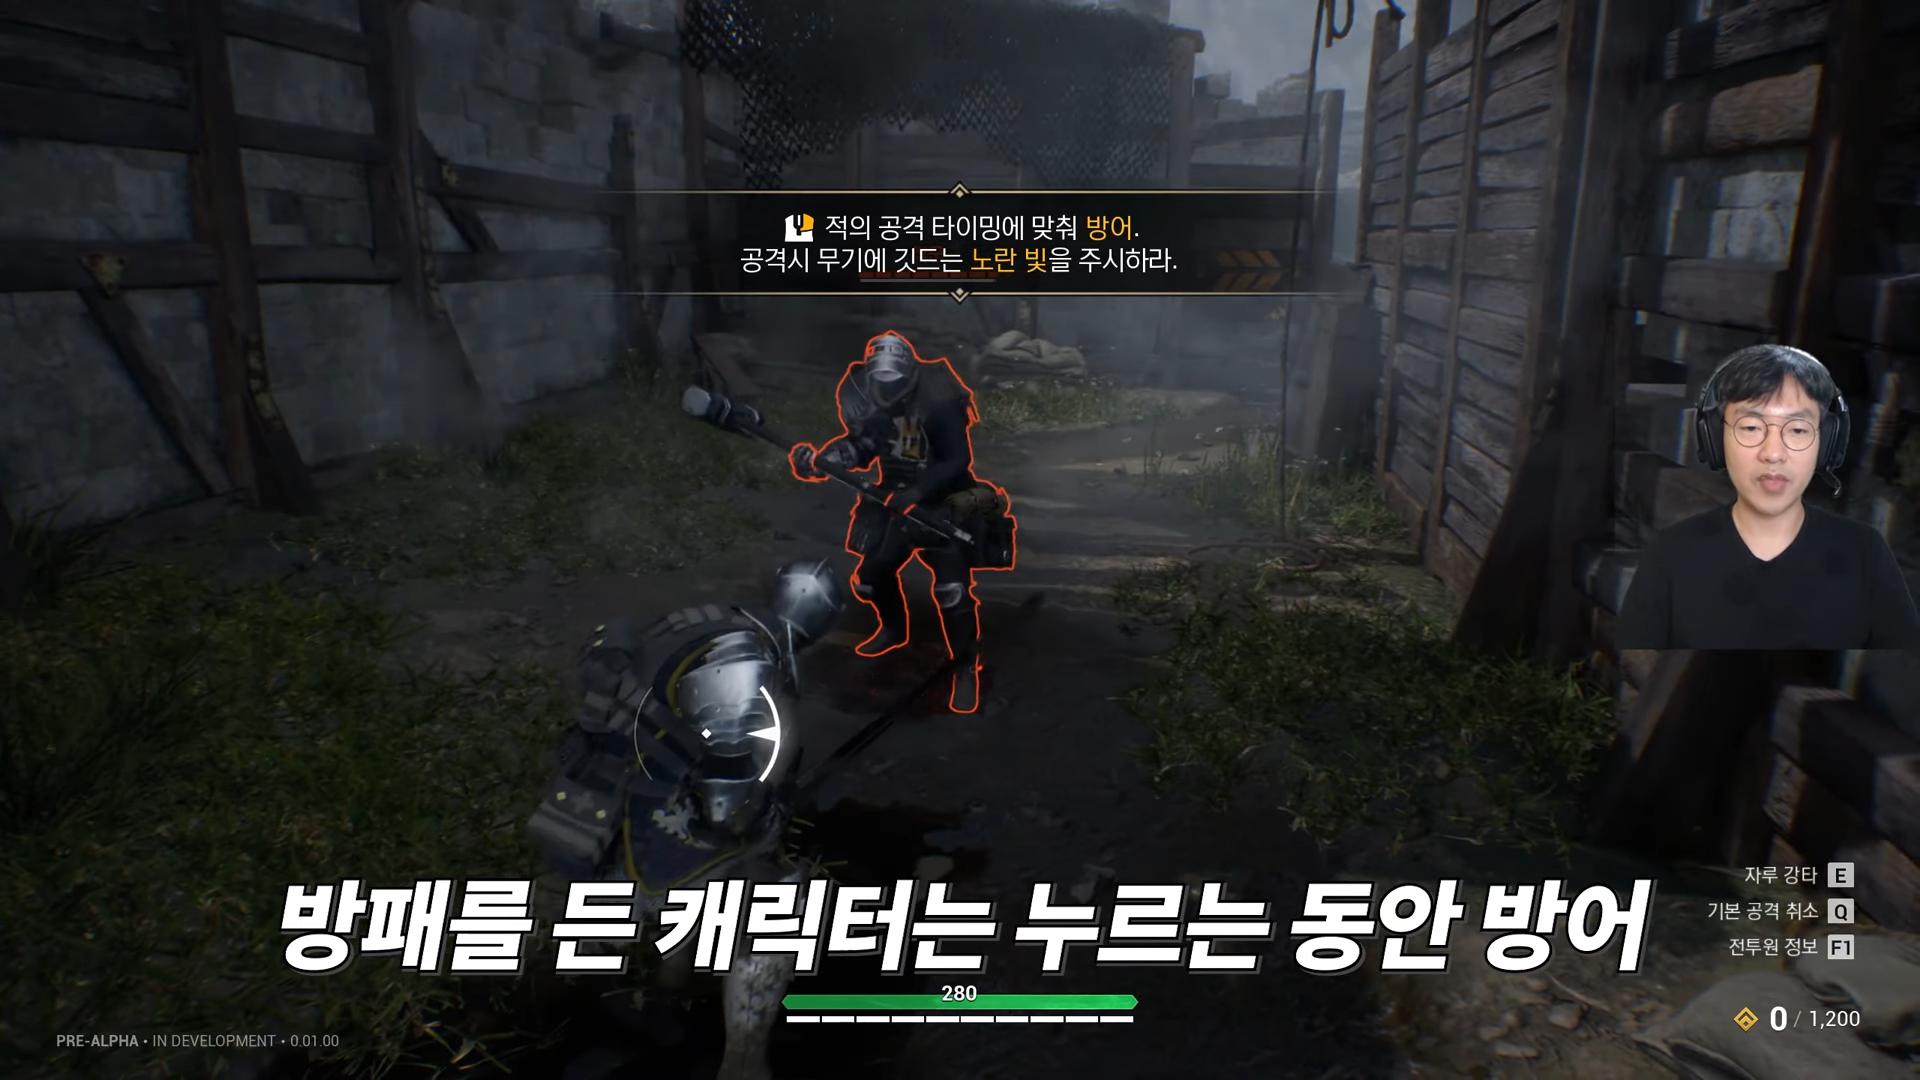 [프로젝트 HP (가제)] 디렉터 플레이 영상 1부 (HP 및 캐릭터 소개) 13-42 screenshot.png